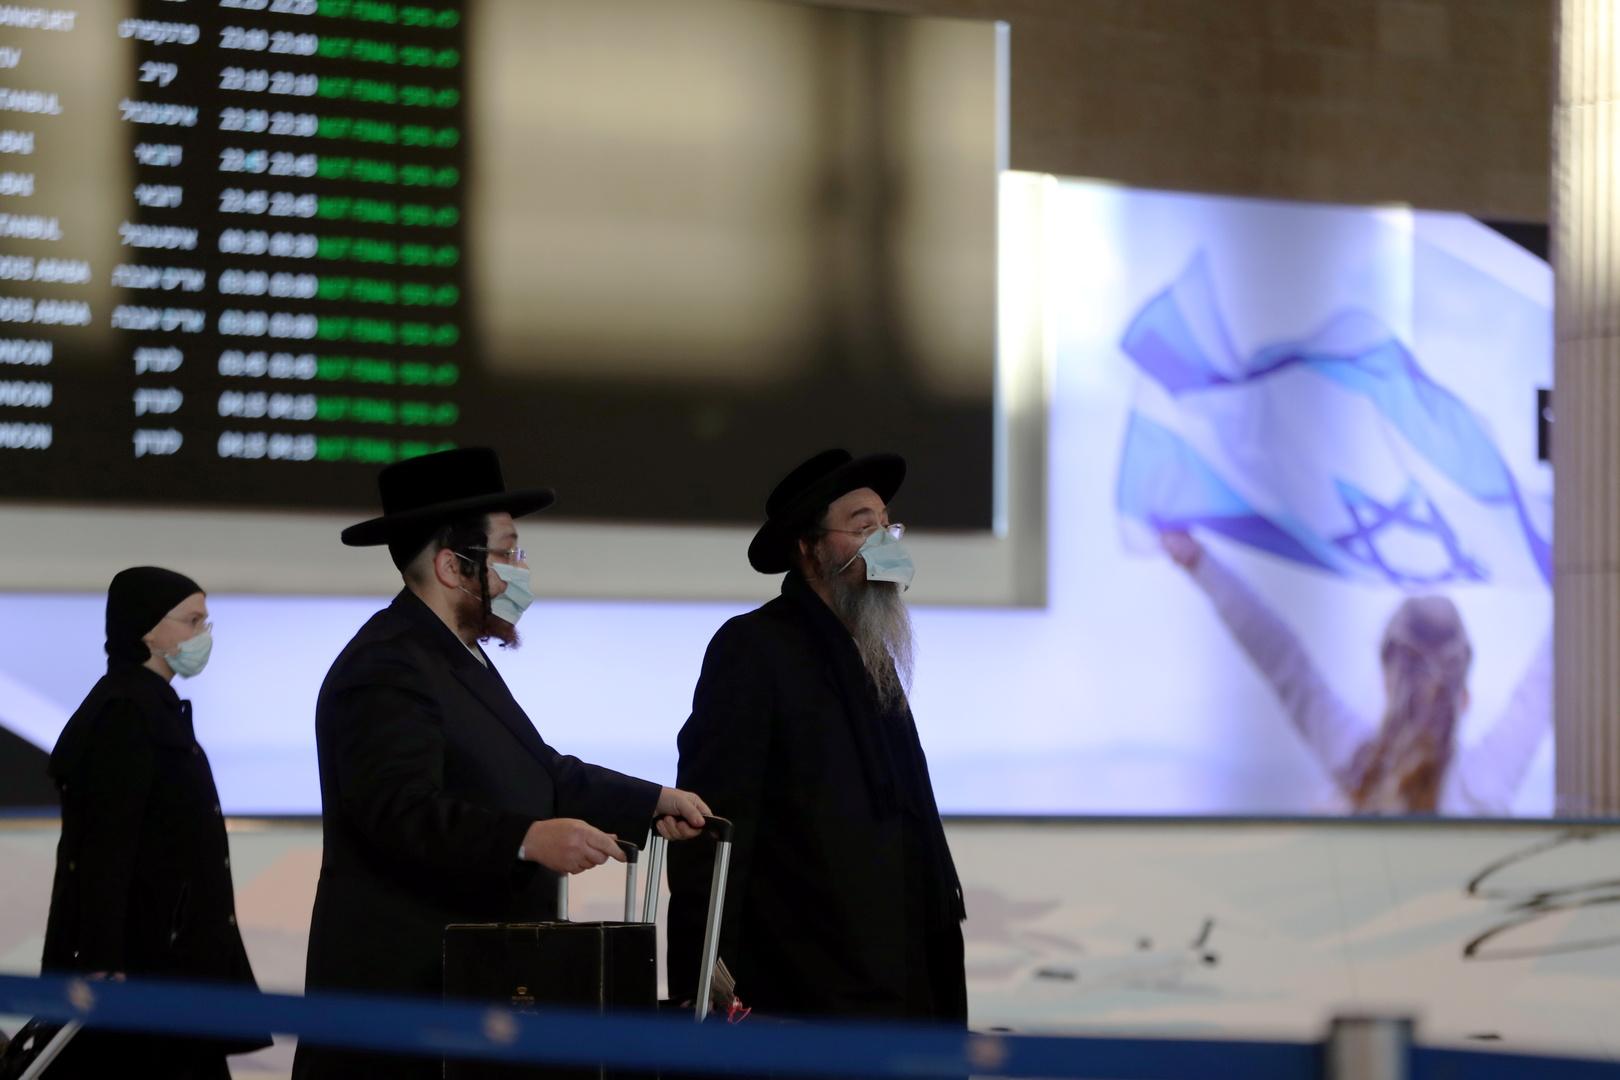 إسرائيل تقلص عدد العائدين عن طريق مطار بن غوريون إلى 200 شخص يوميا